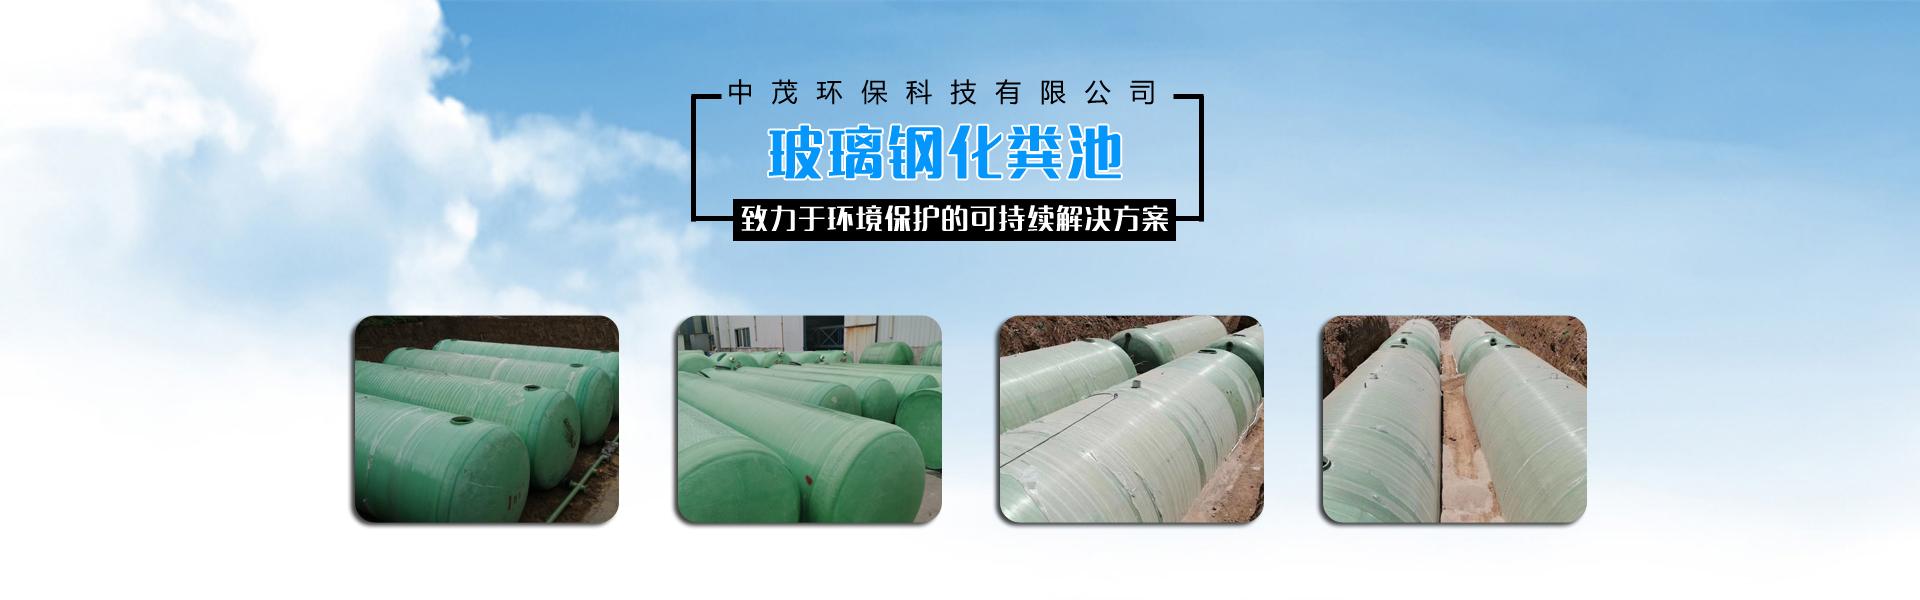 河南医疗污水处理设备